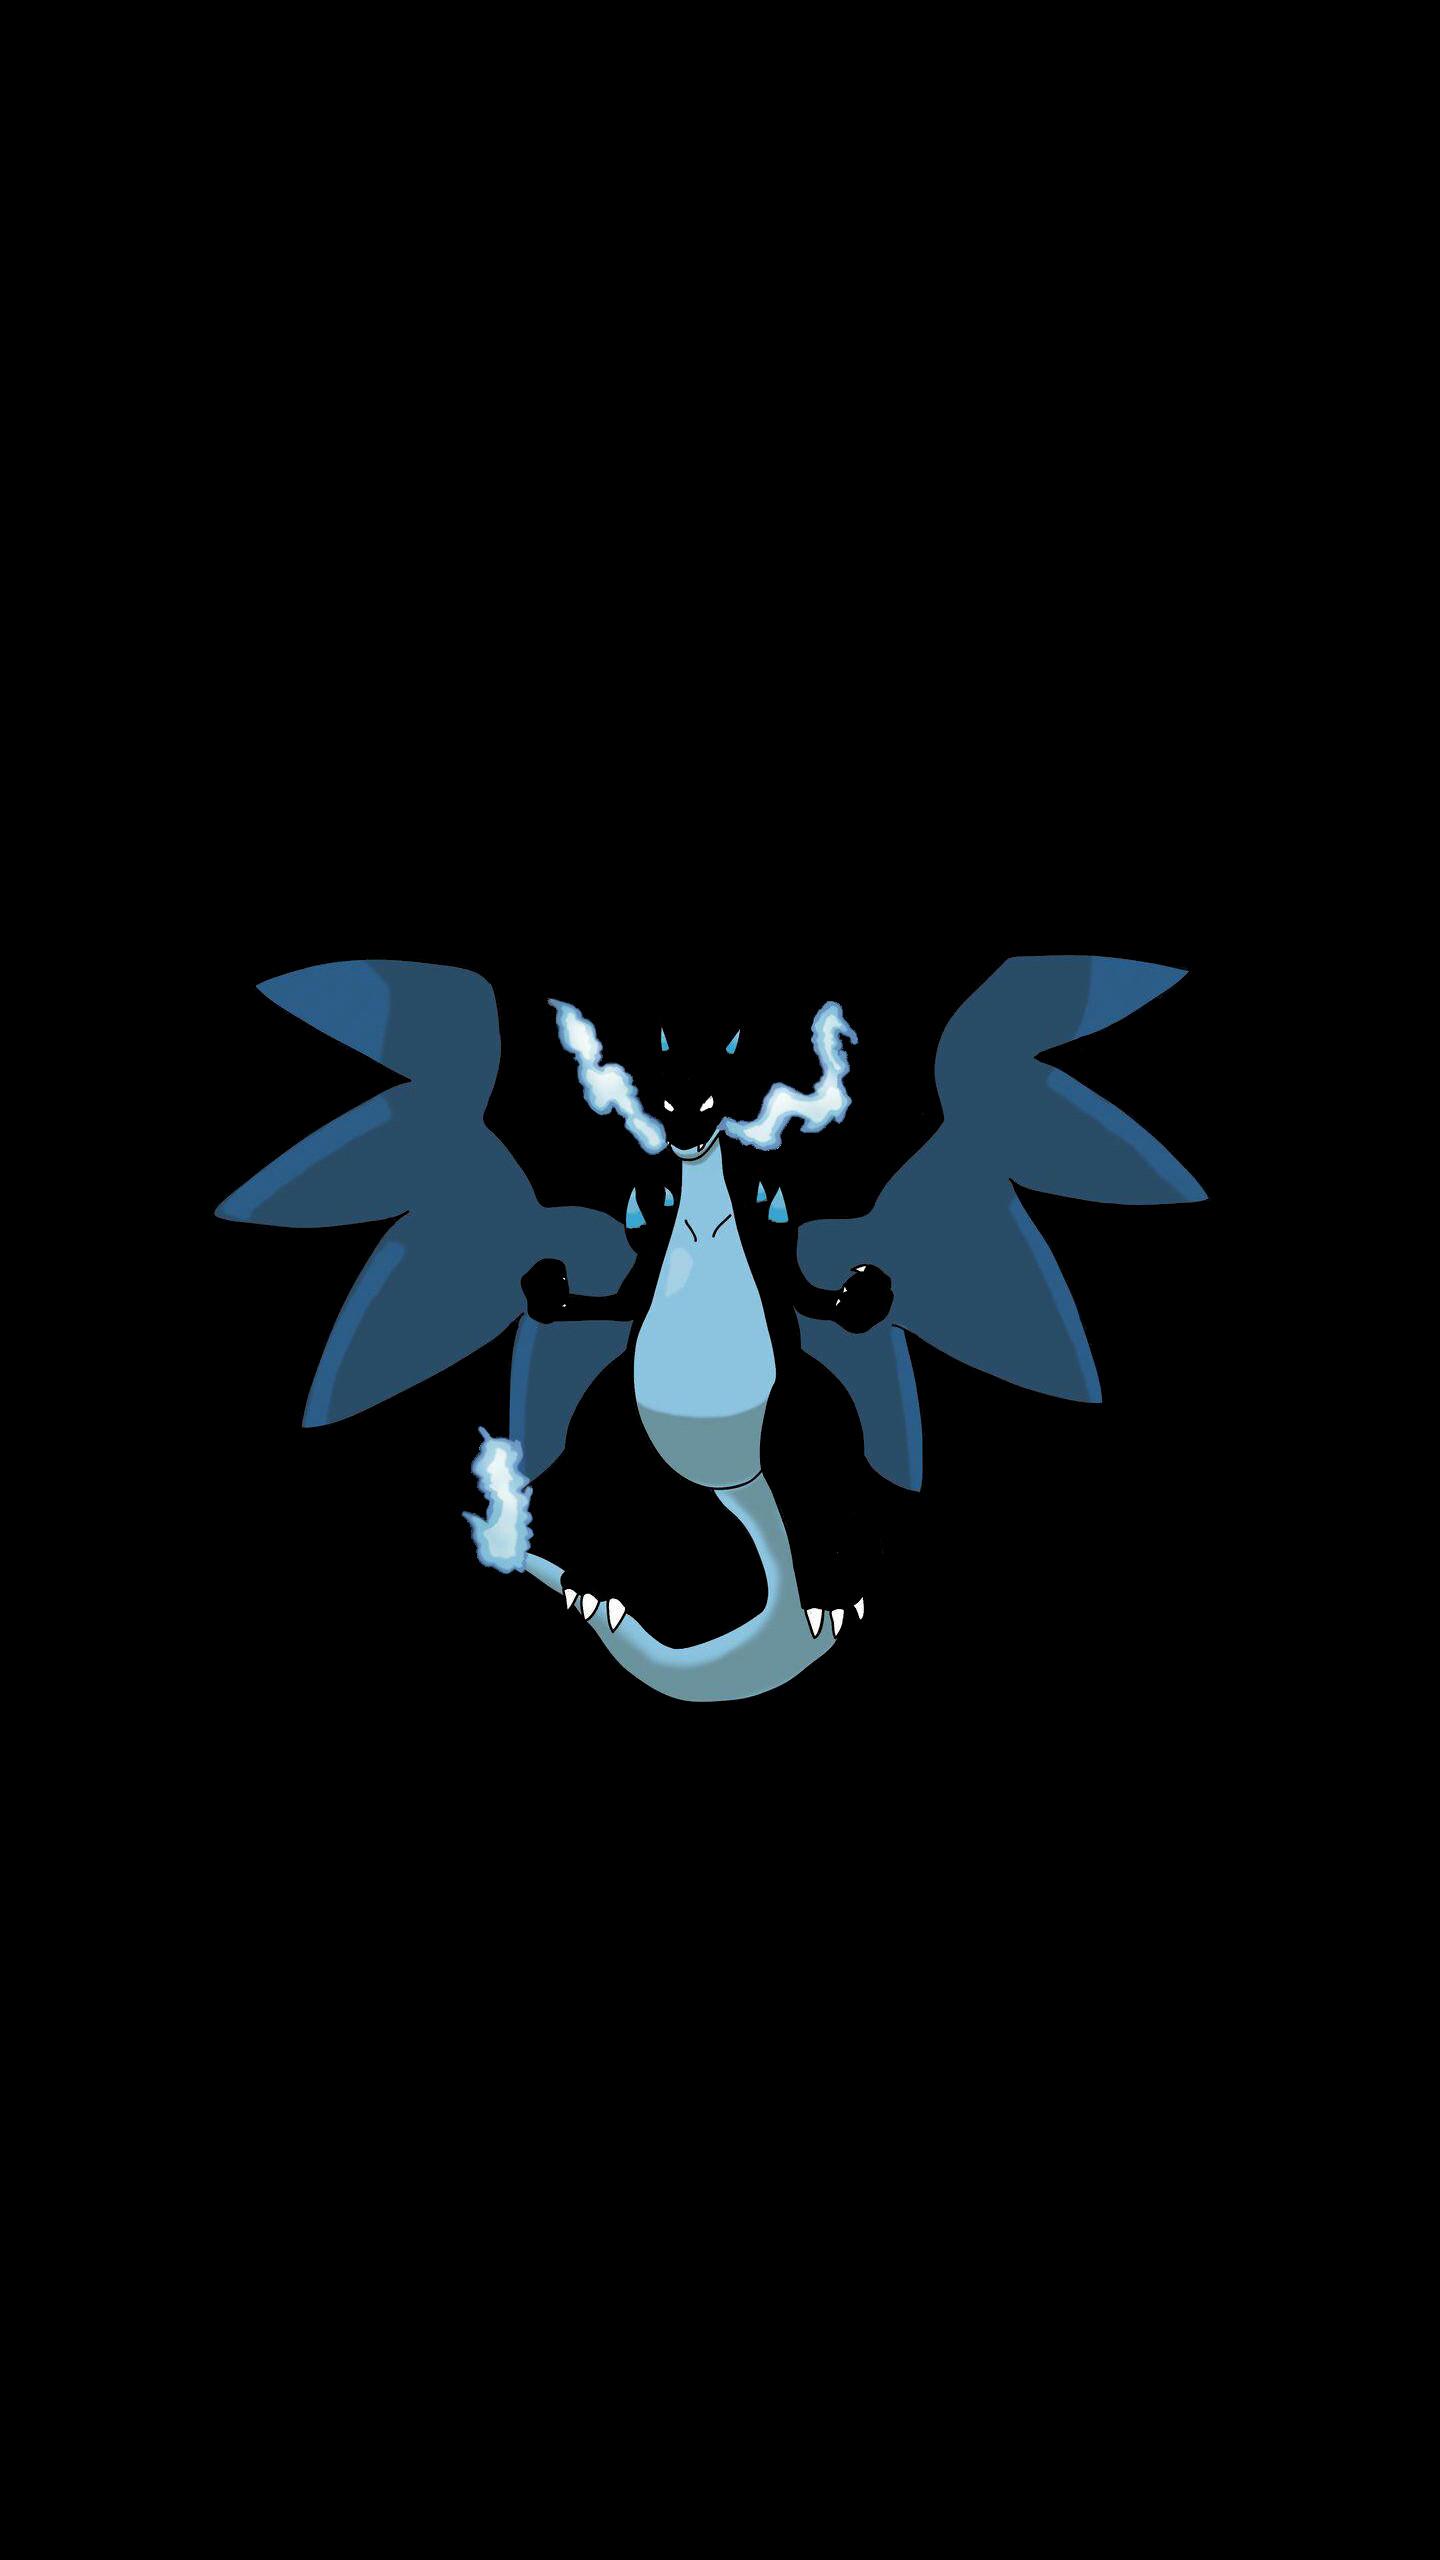 Pokemon Mega Charizard X Wallpaper (80+ images) |Mega Charizard Wallpaper Iphone